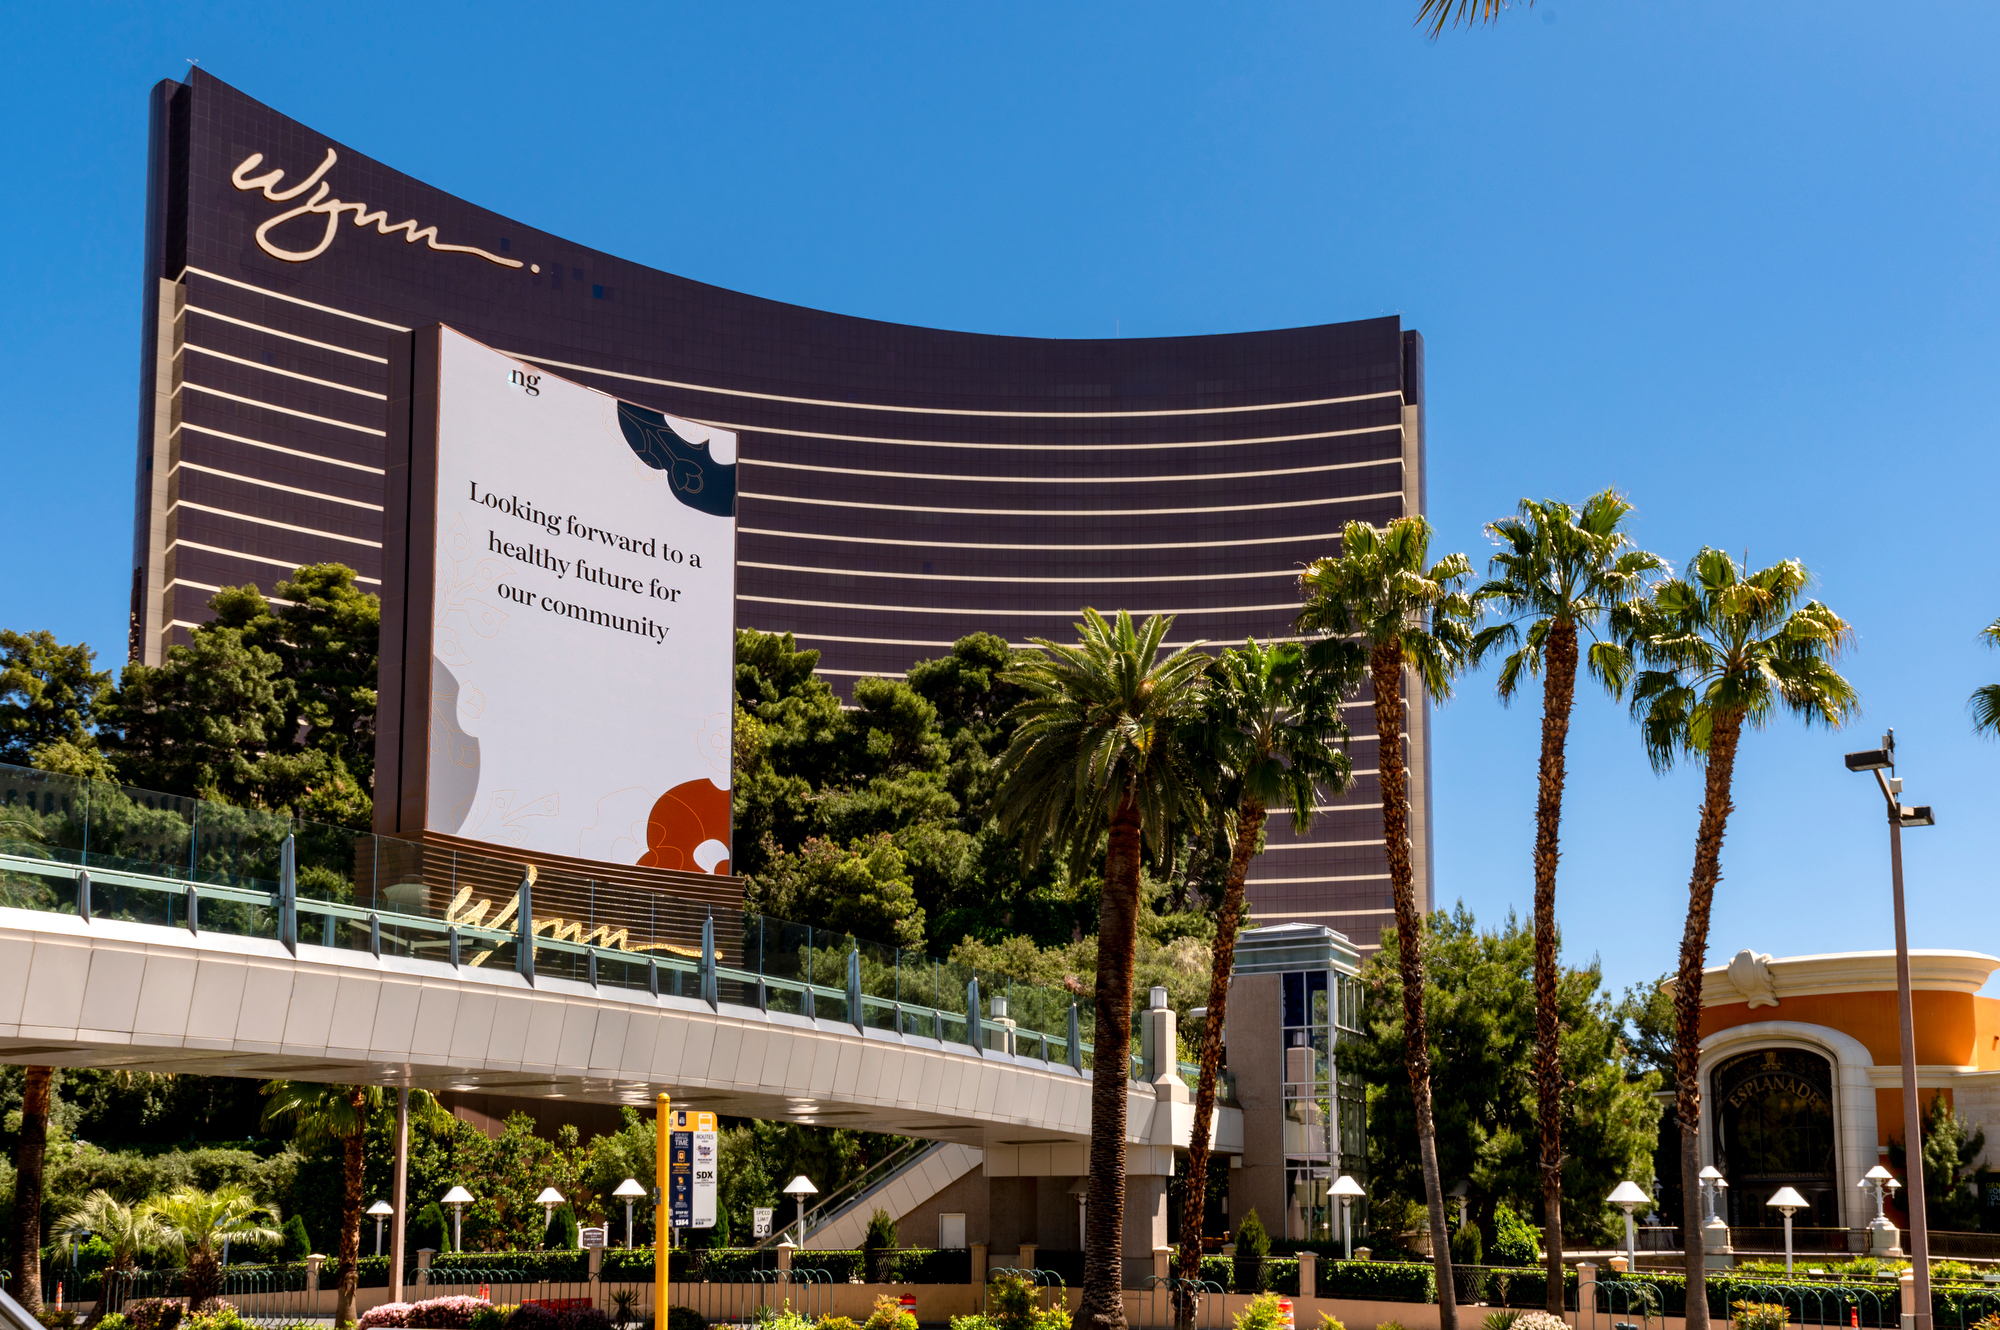 The exterior of a casino